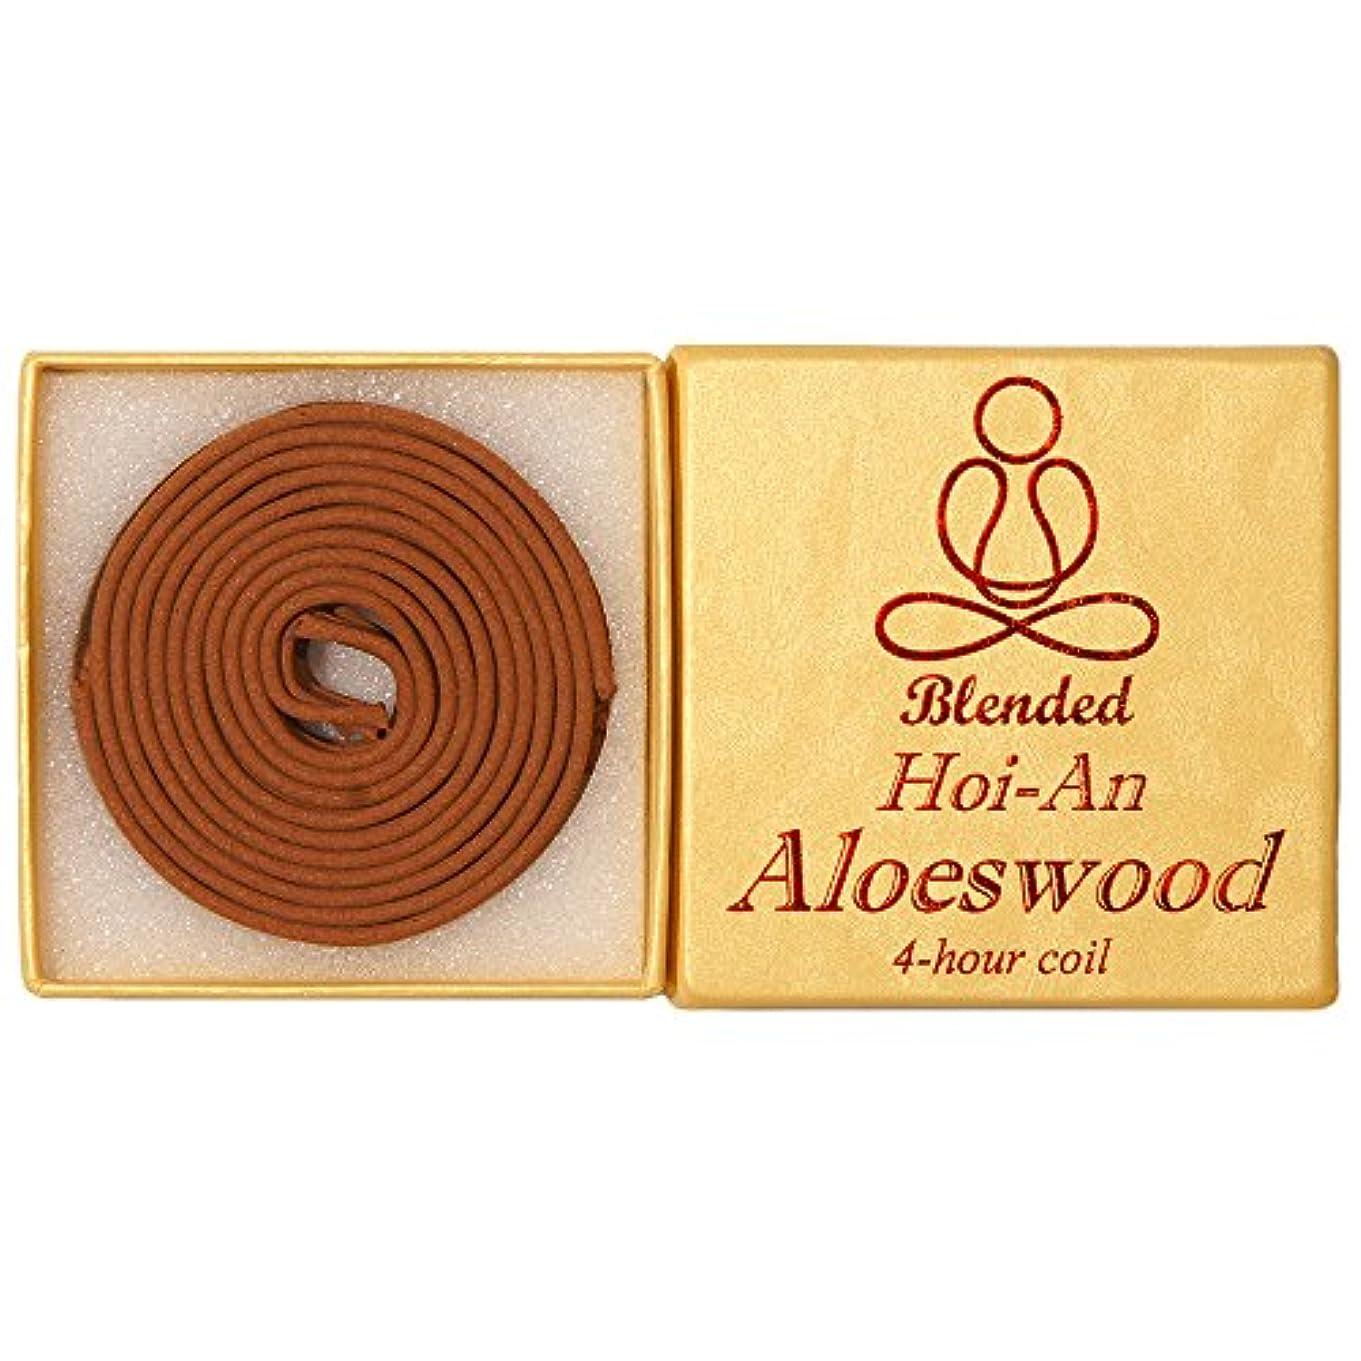 流用する誕生日ライオンBlended Hoi-An Aloeswood - 12 pieces 4-hour Coil - 100% natural - GHC152T